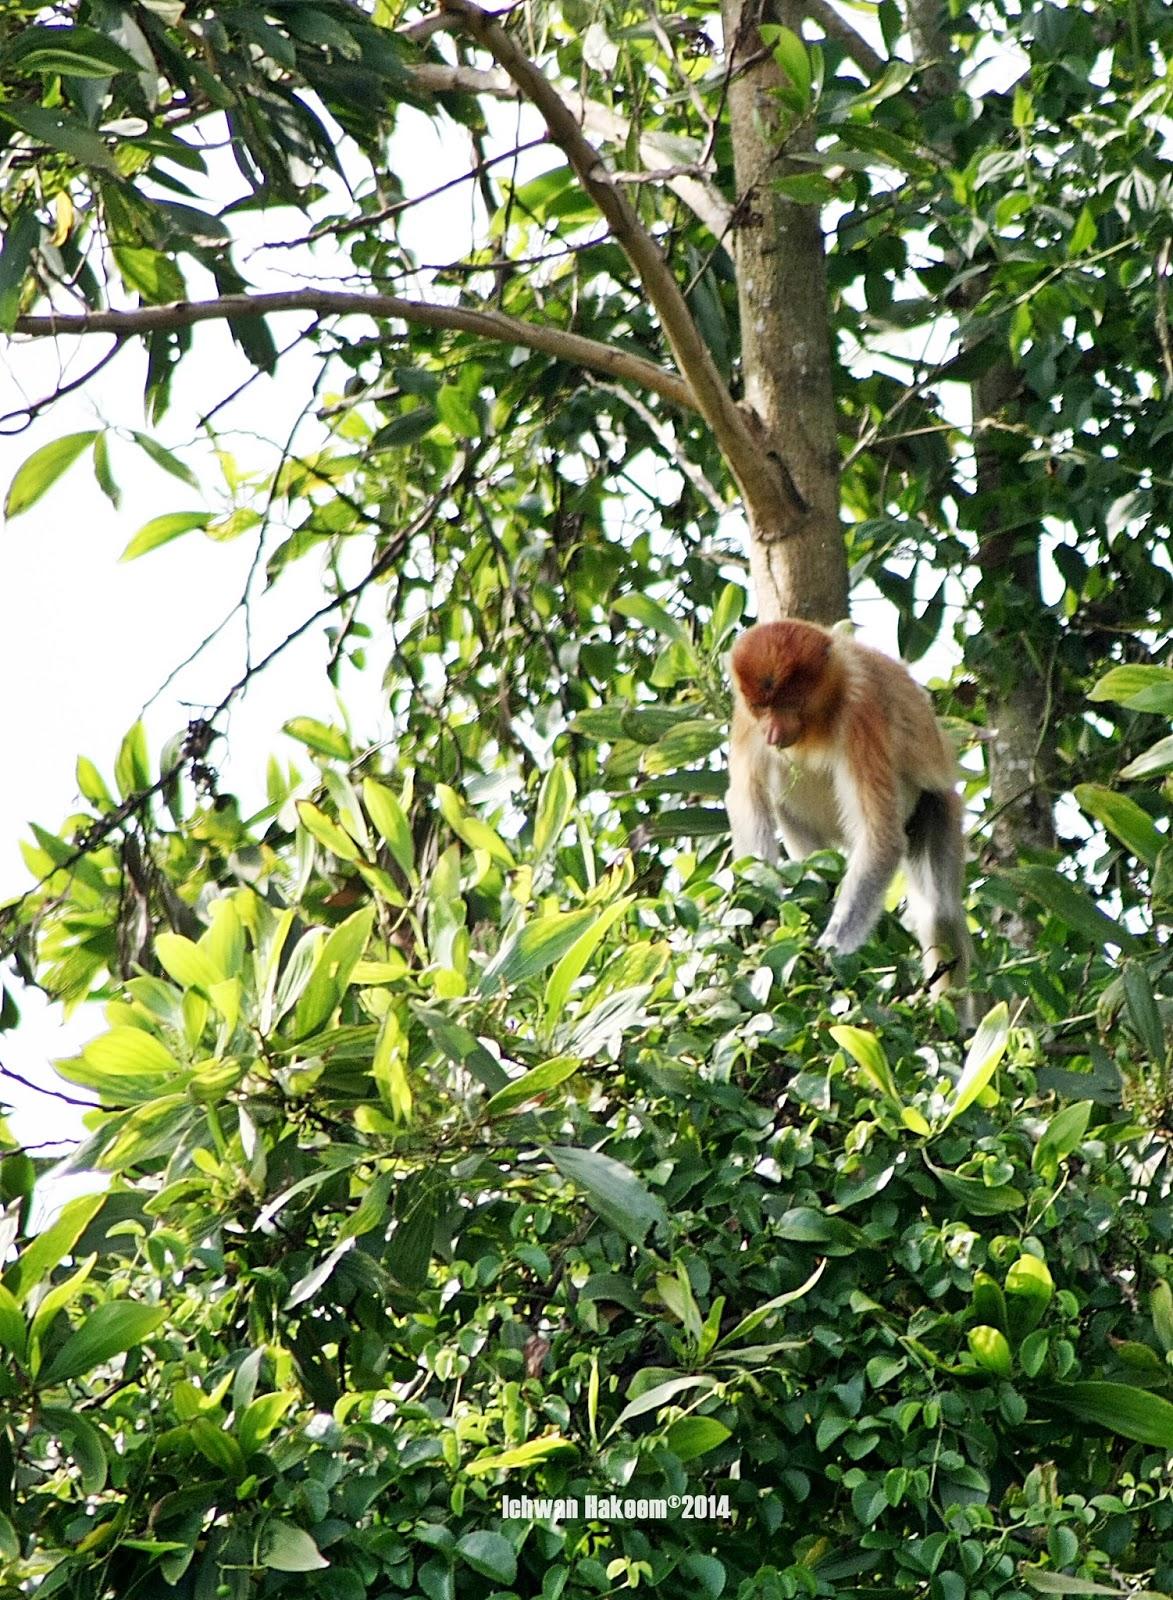 bekantan, proboscis monkey, south kalimantan, indonesia, wild indonesia